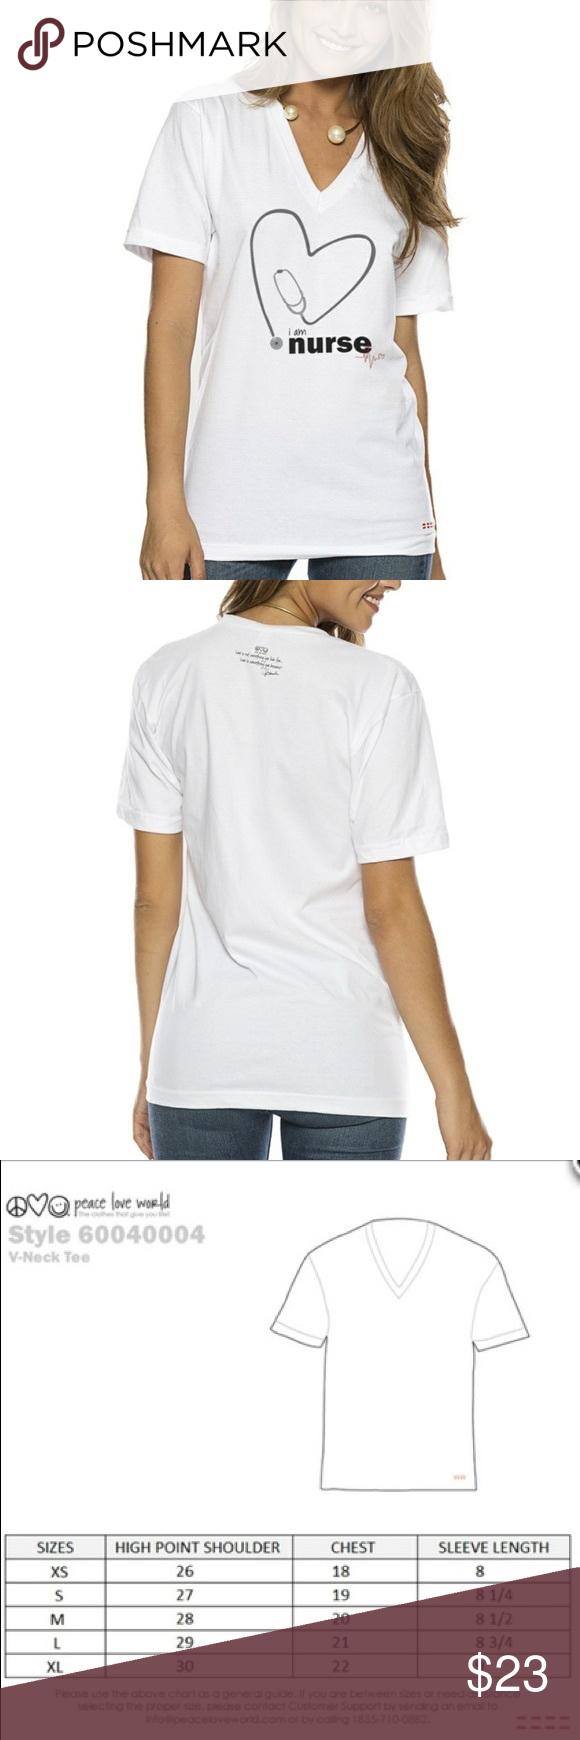 Peace Love World I Am Nurse White V Neck T Shirt Peace Love World V Neck White T Shirt I Am Nurse With Stethoscope Design Size Medium